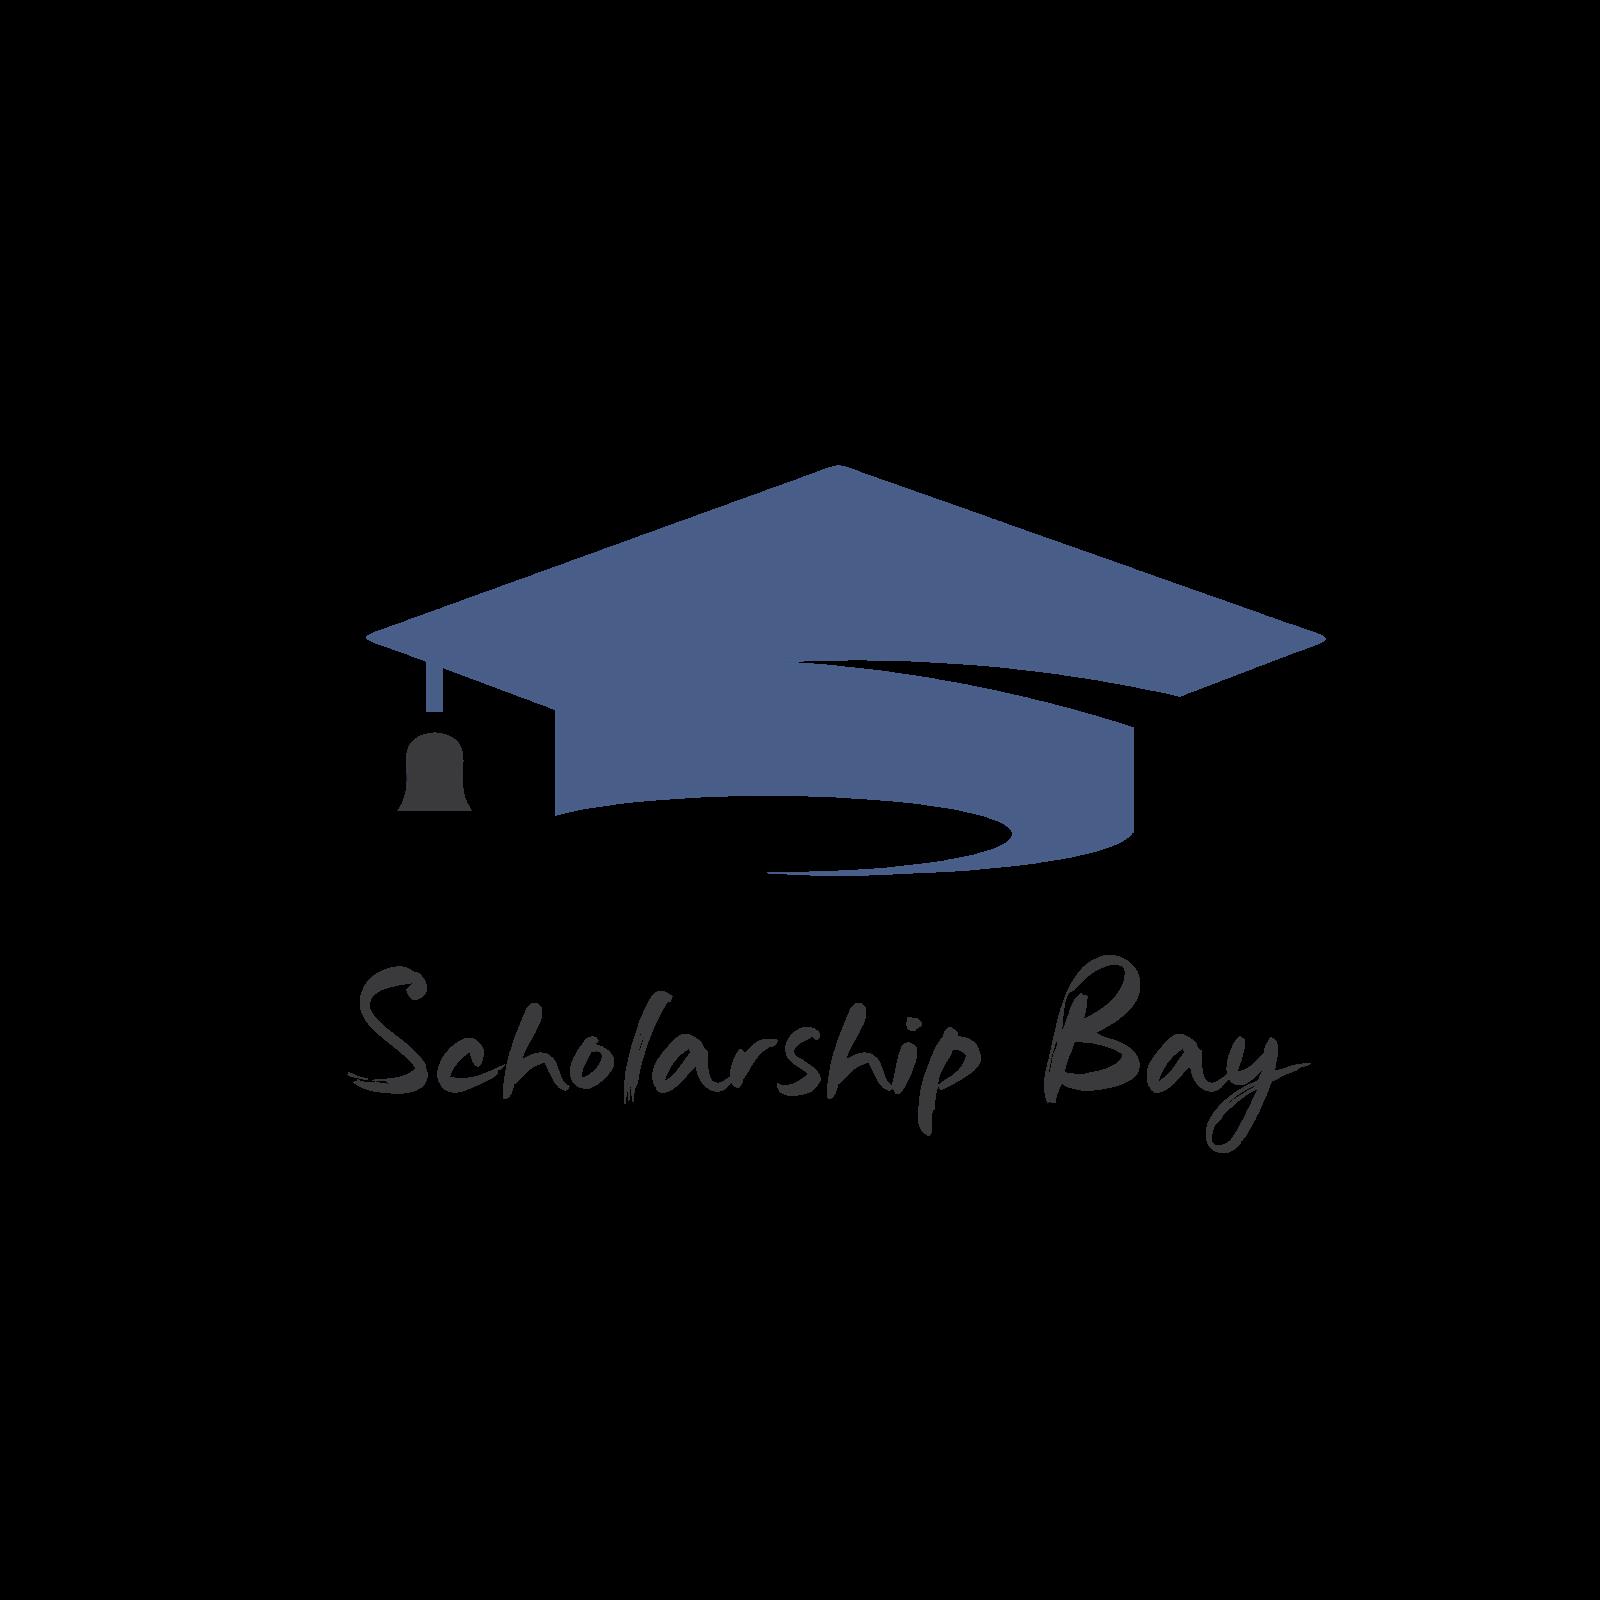 ScholarshipBay